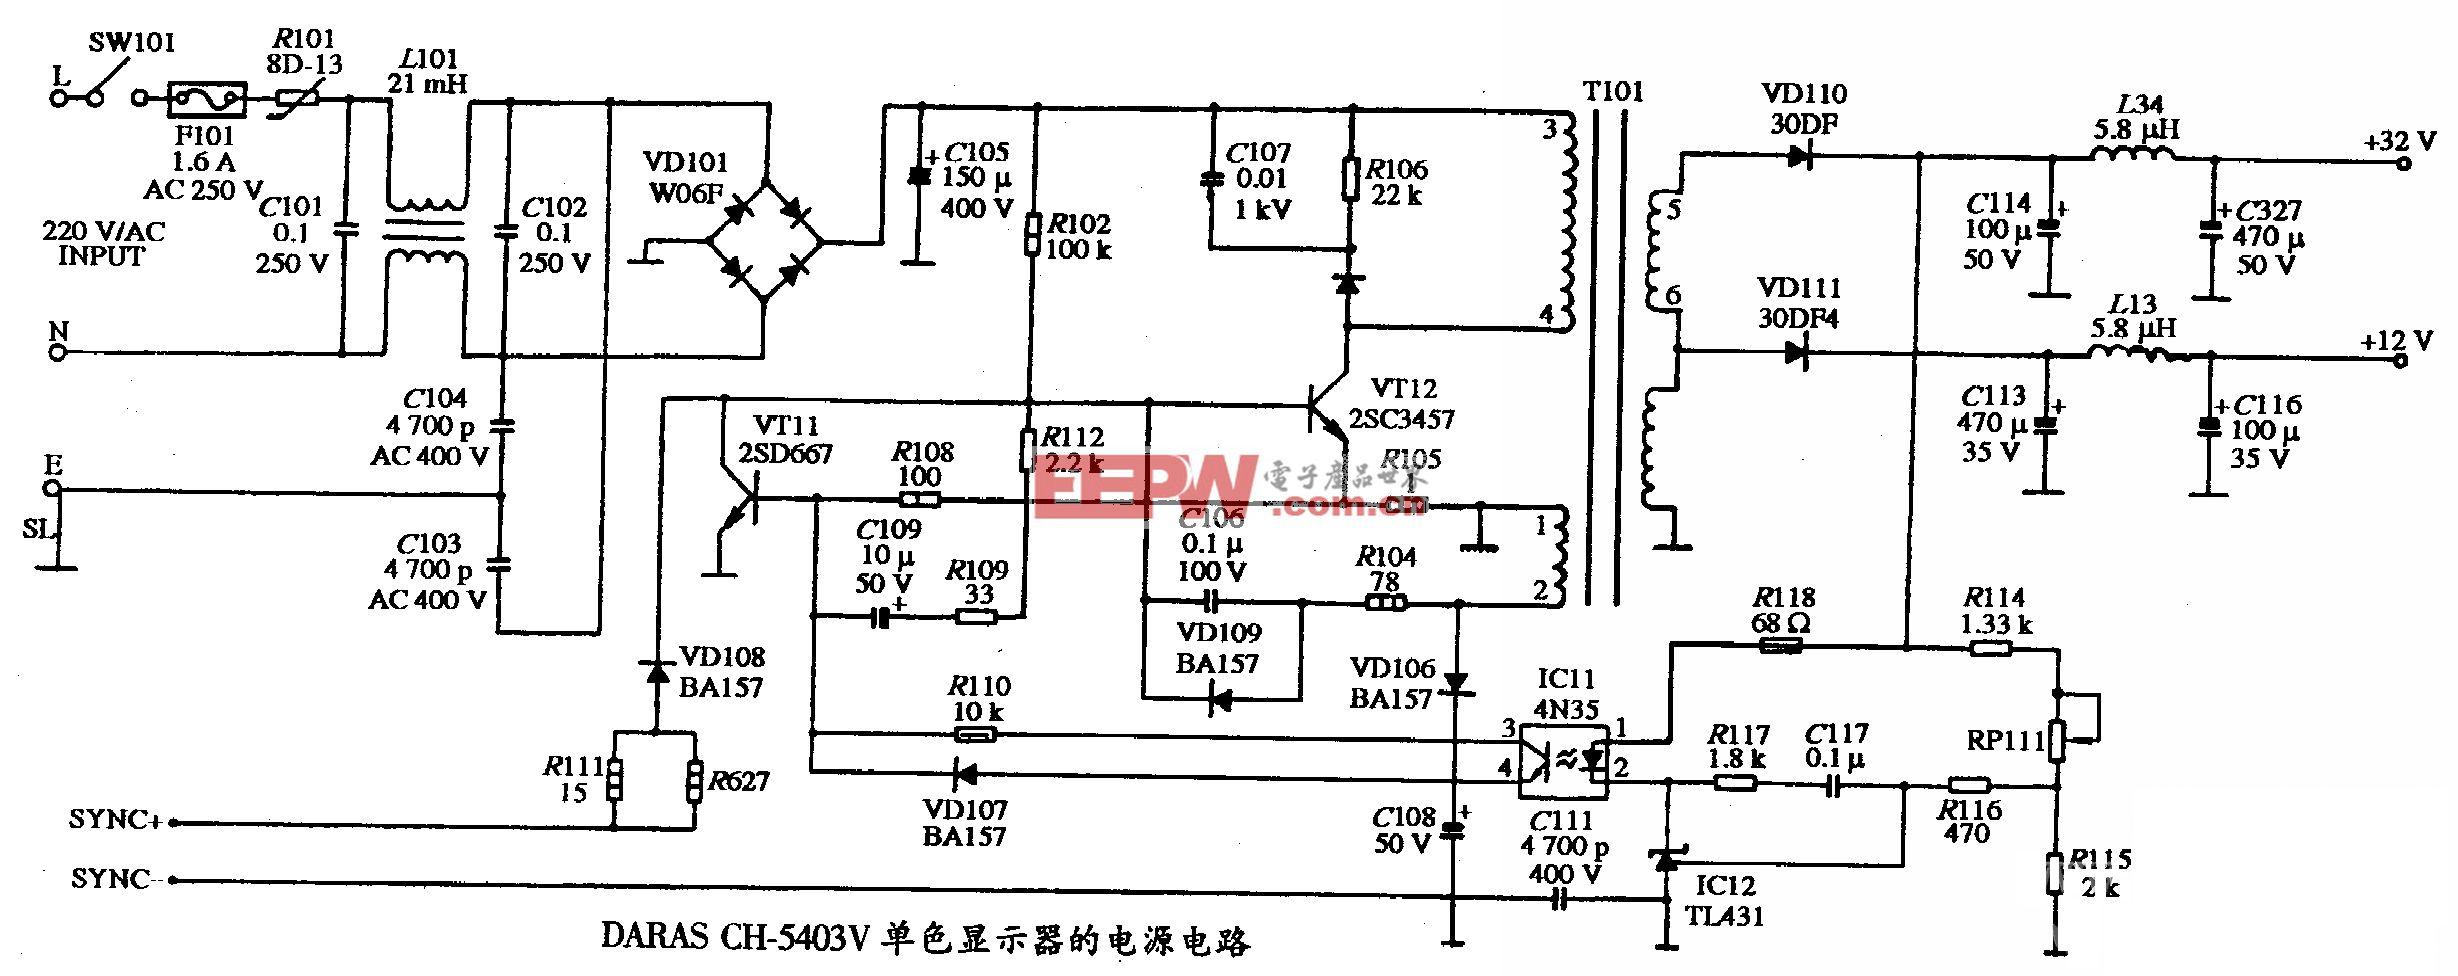 DARAS CH-5403V型单色显示器的电源电路图